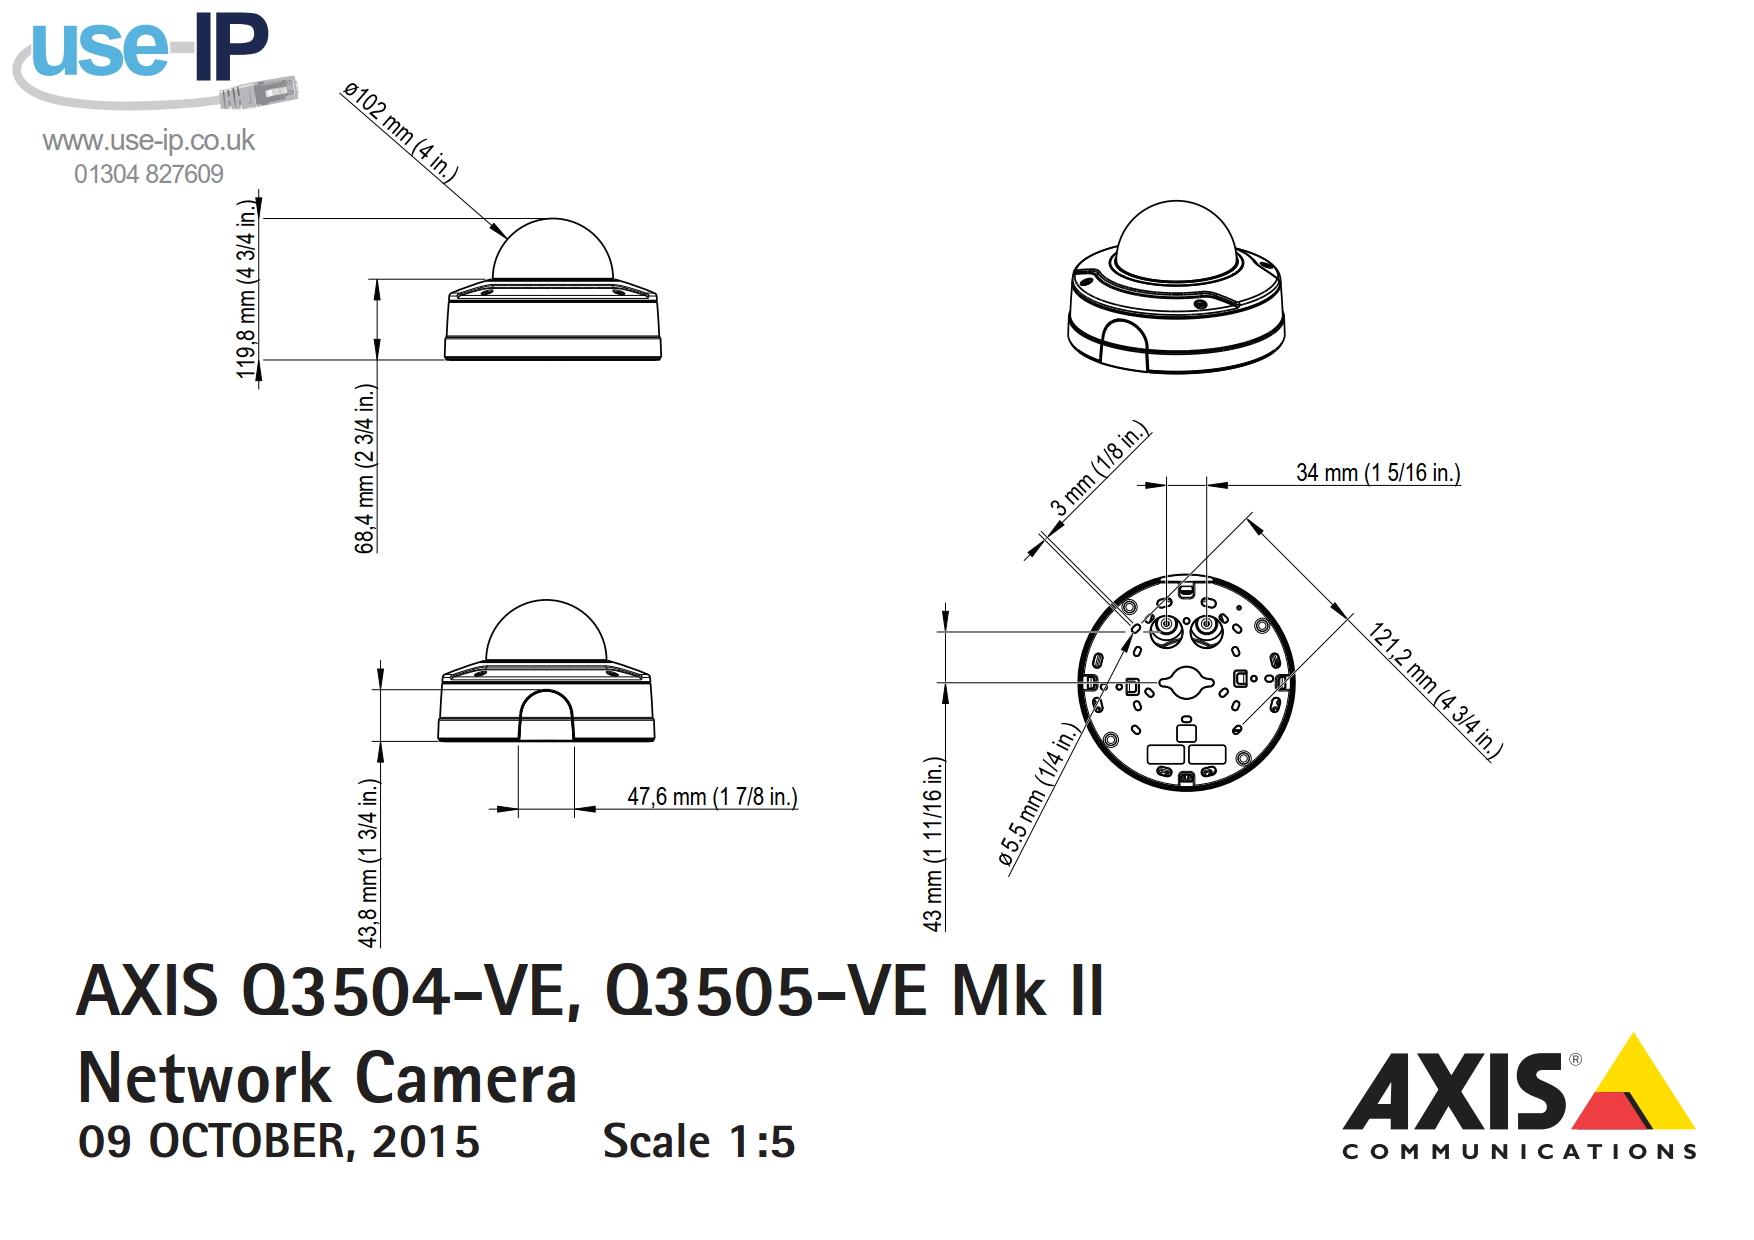 Q3505-V MkII